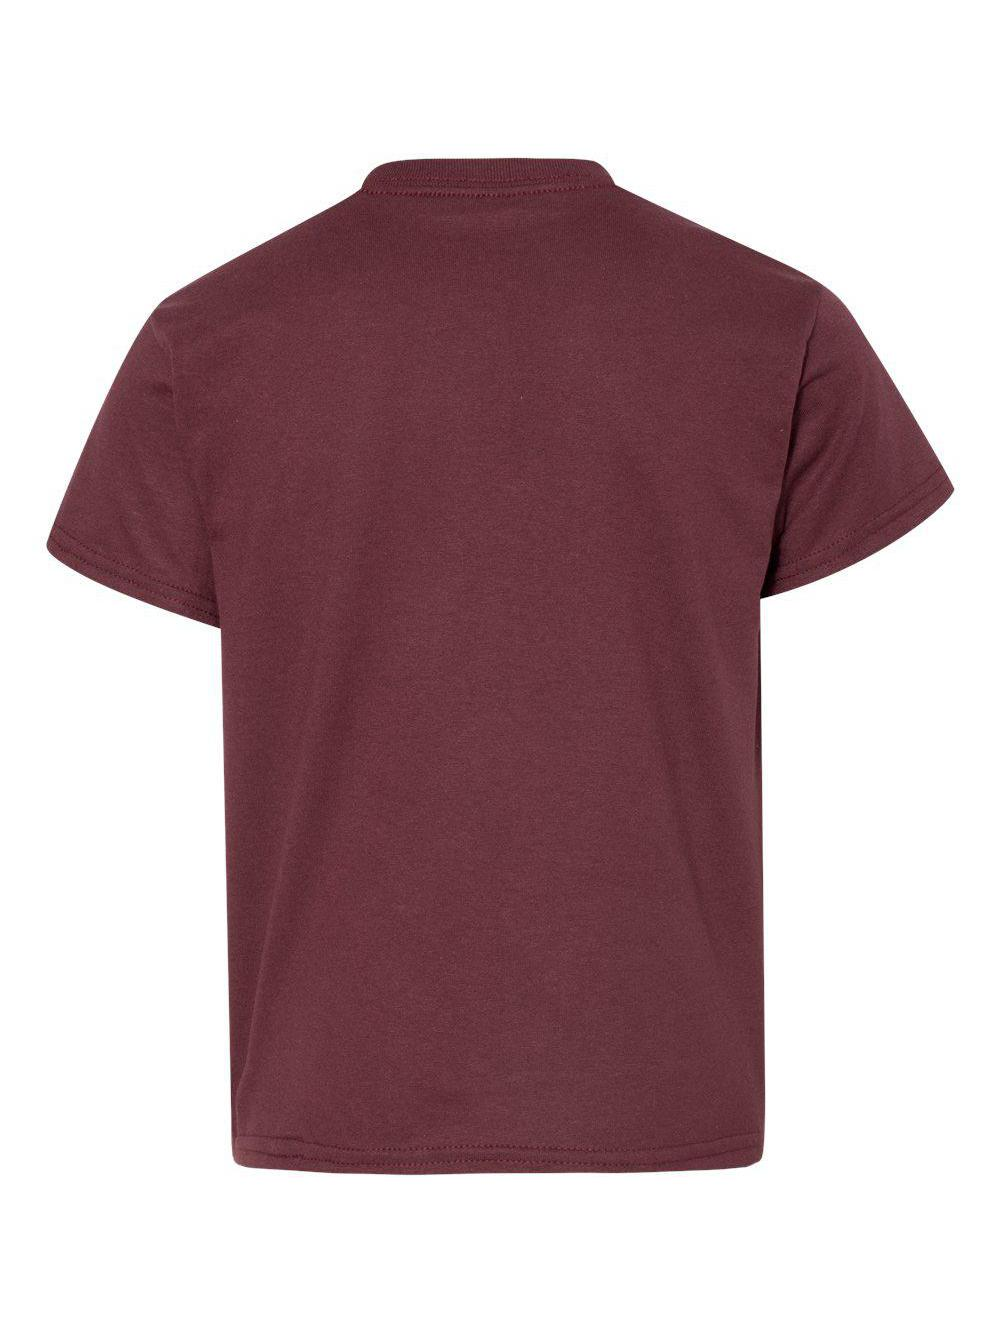 Gildan-DryBlend-Youth-50-50-T-Shirt-8000B thumbnail 94